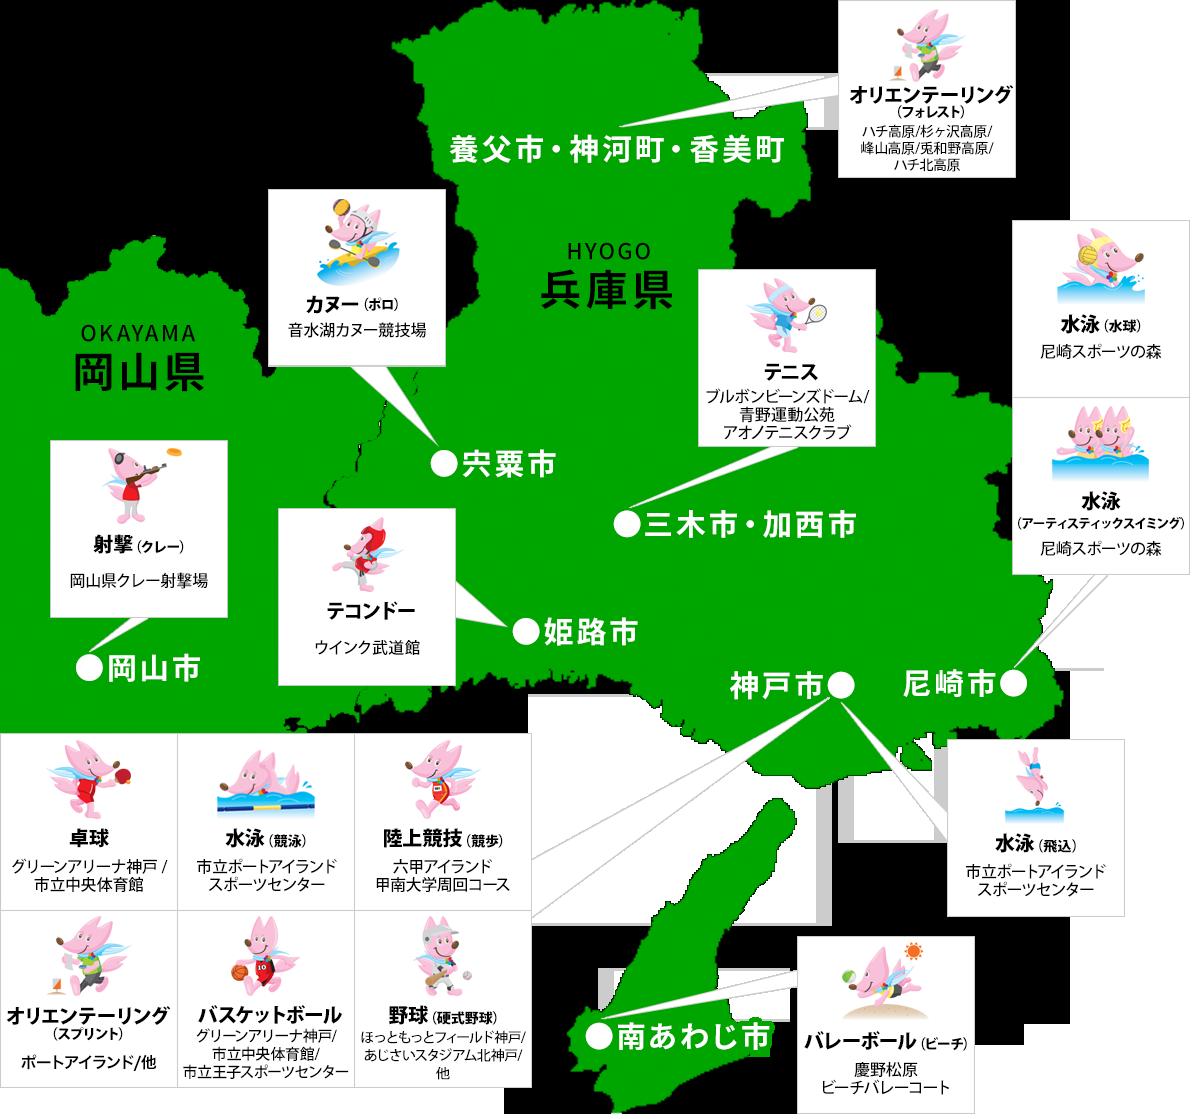 開催競技マップ